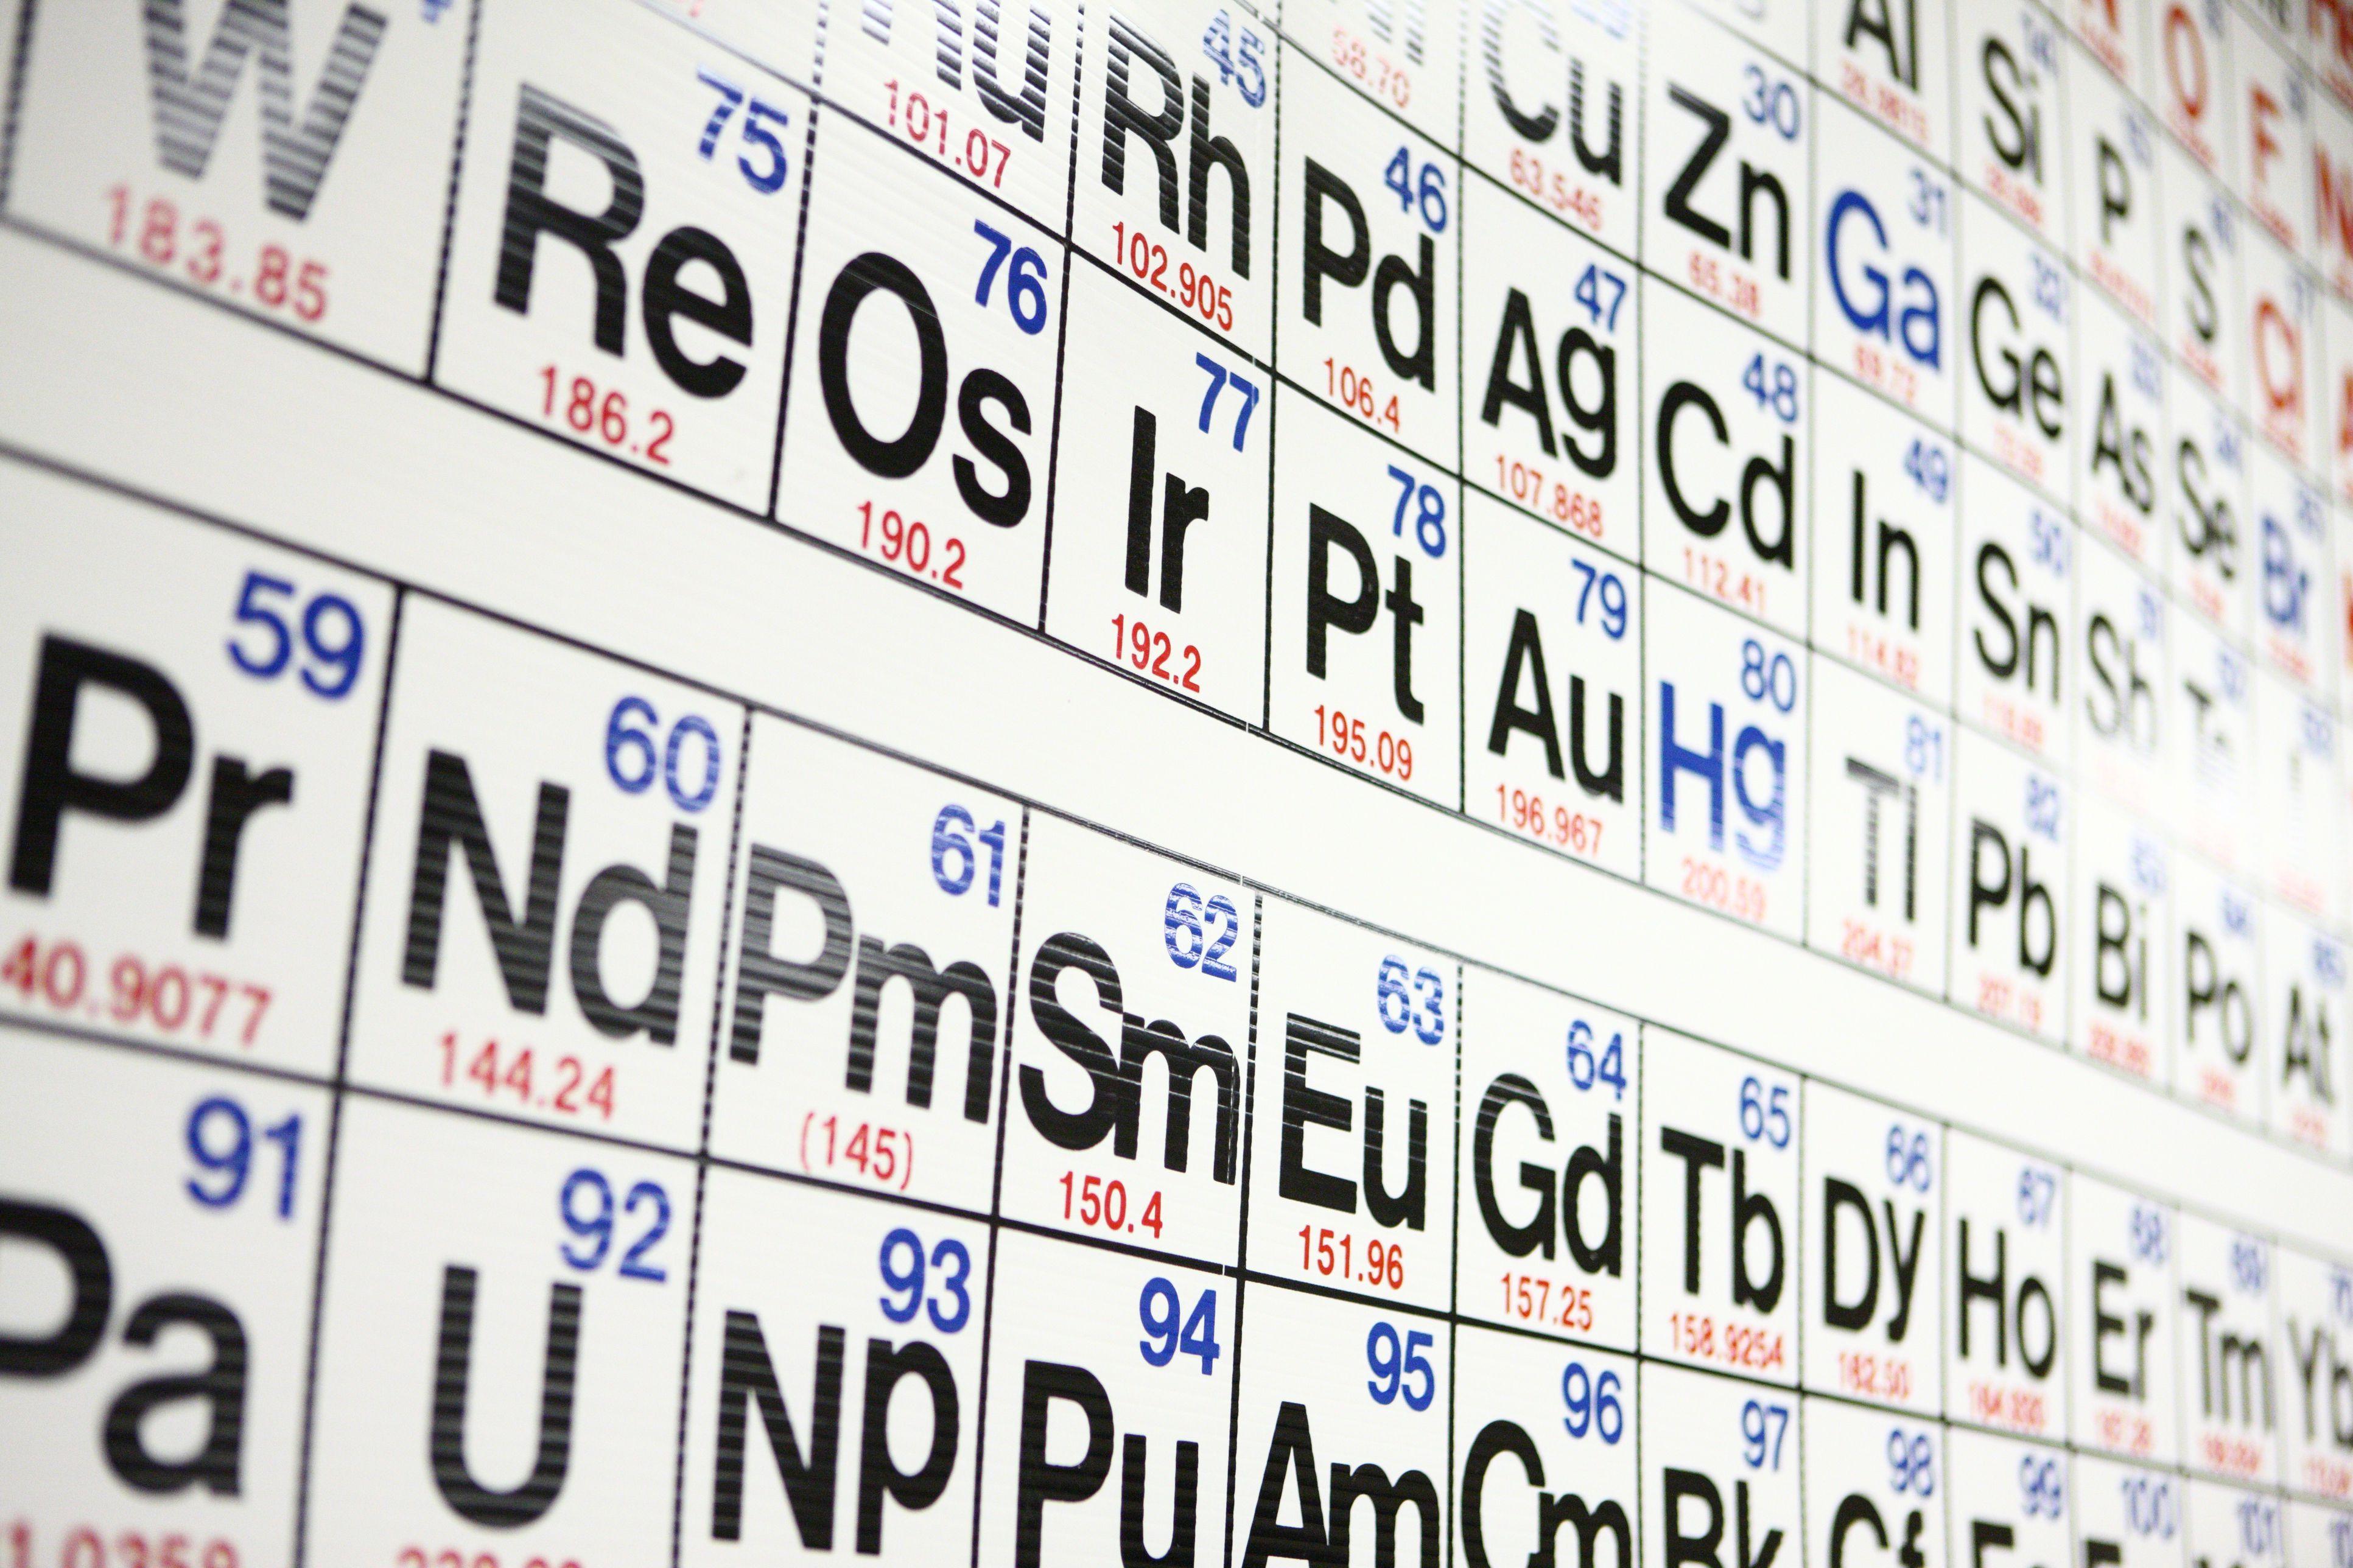 あなたは 周期律表あなたの壁紙を作ることができます知っていますか